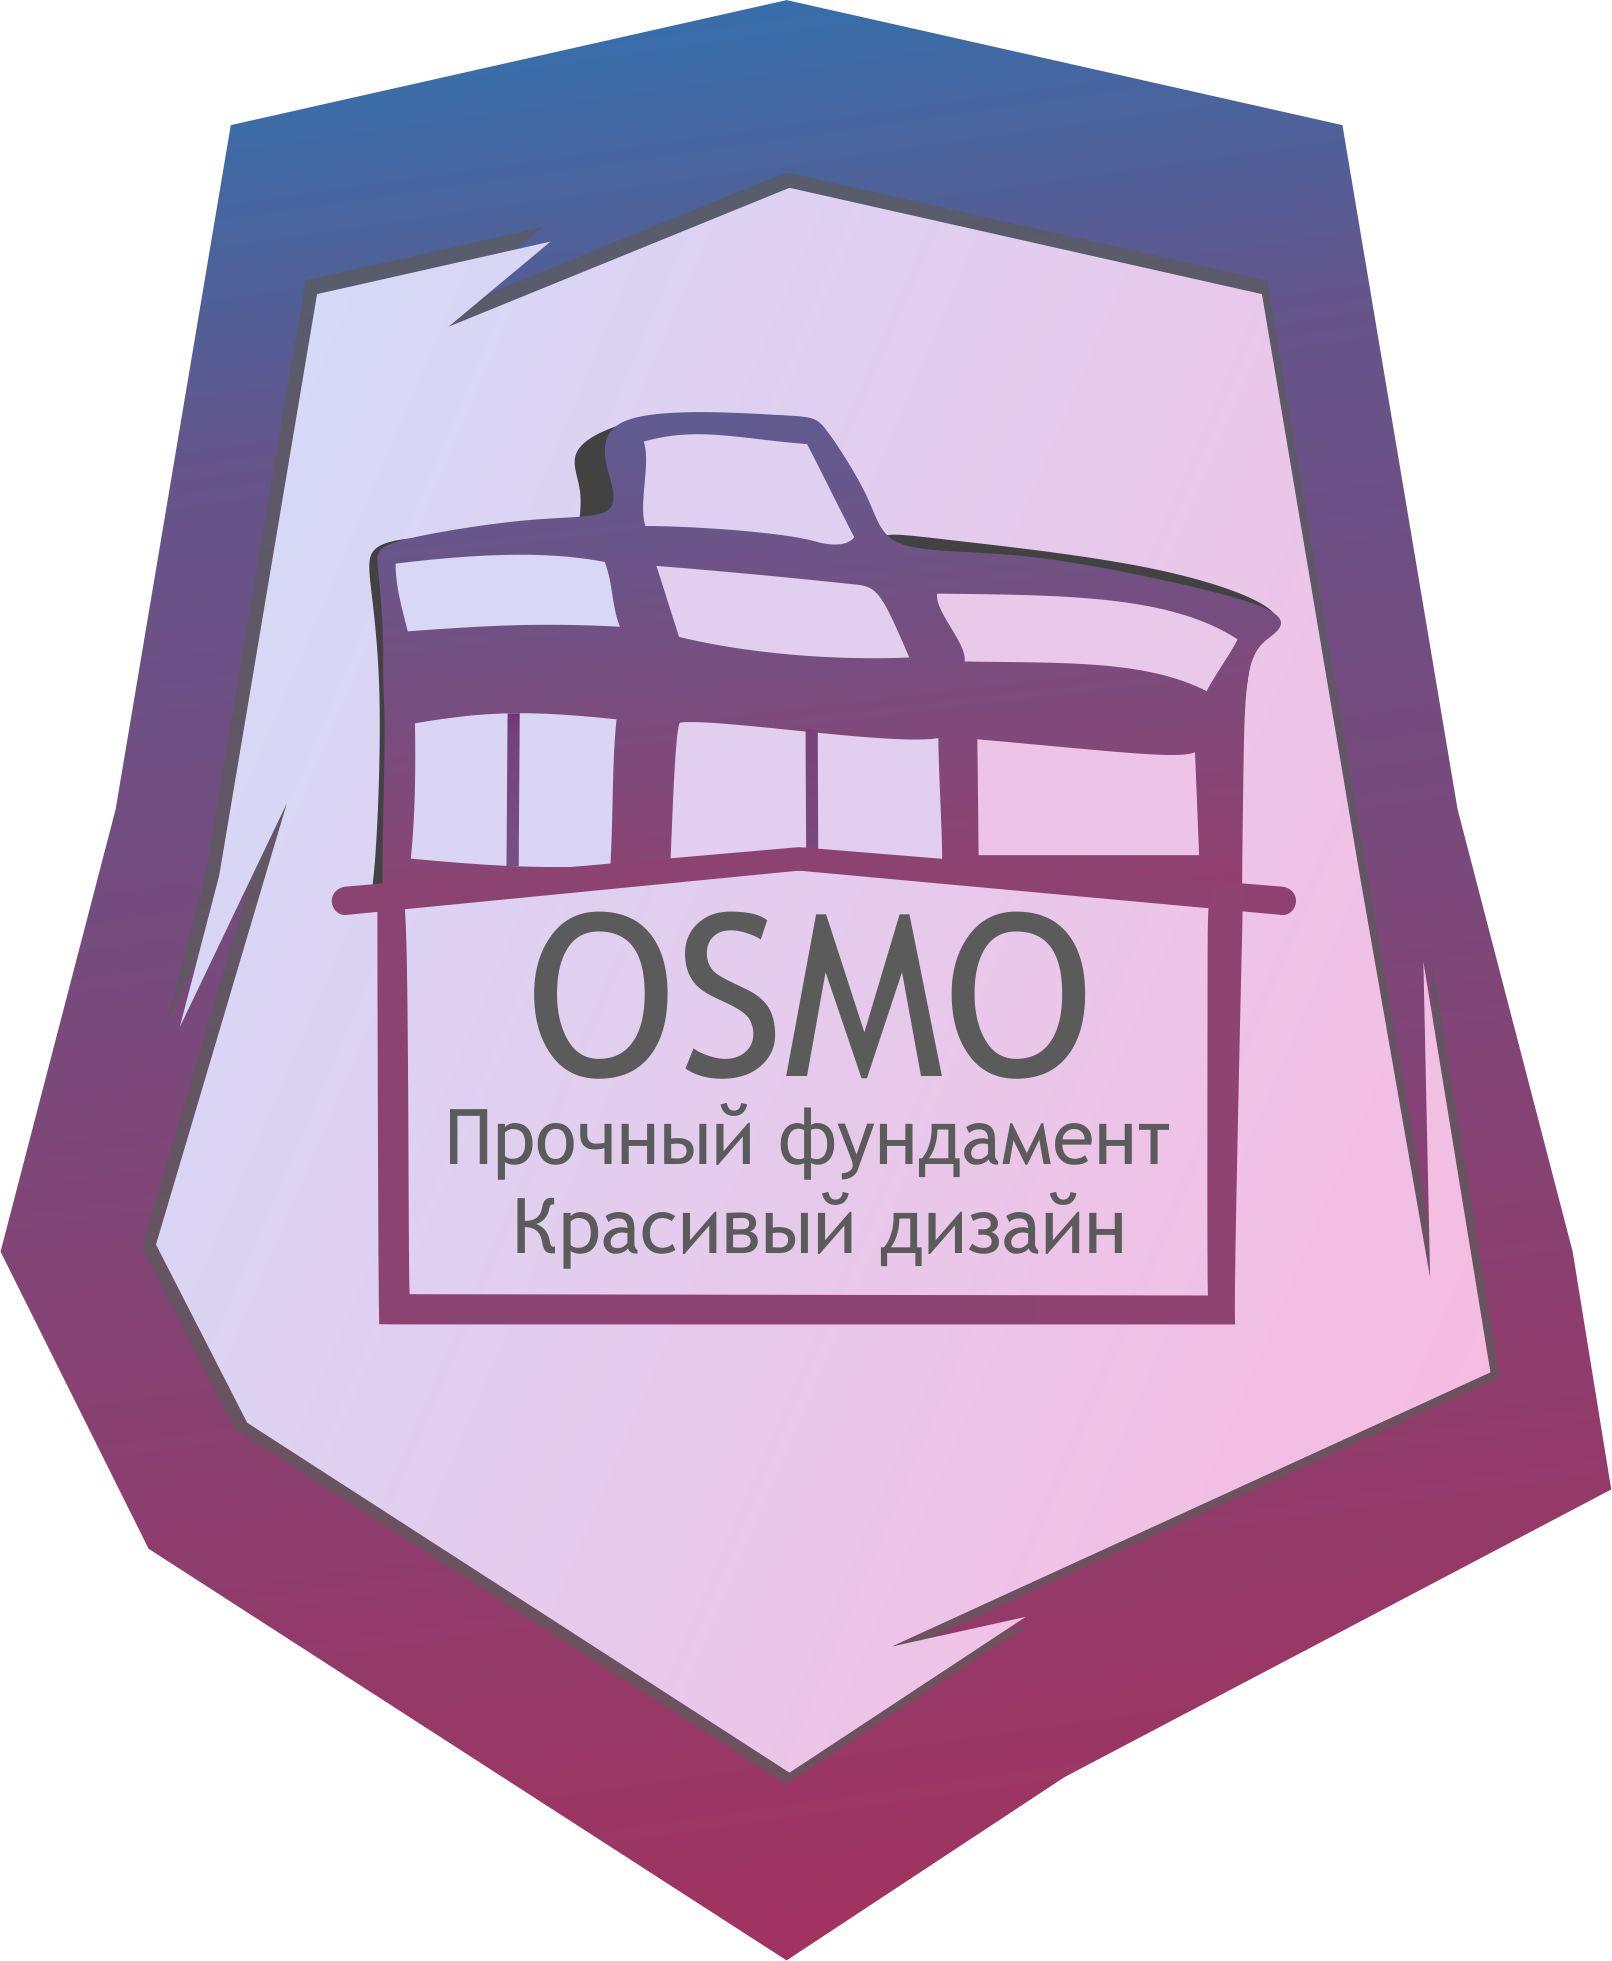 Создание логотипа для строительной компании OSMO group  фото f_58659b543cc611c2.jpg